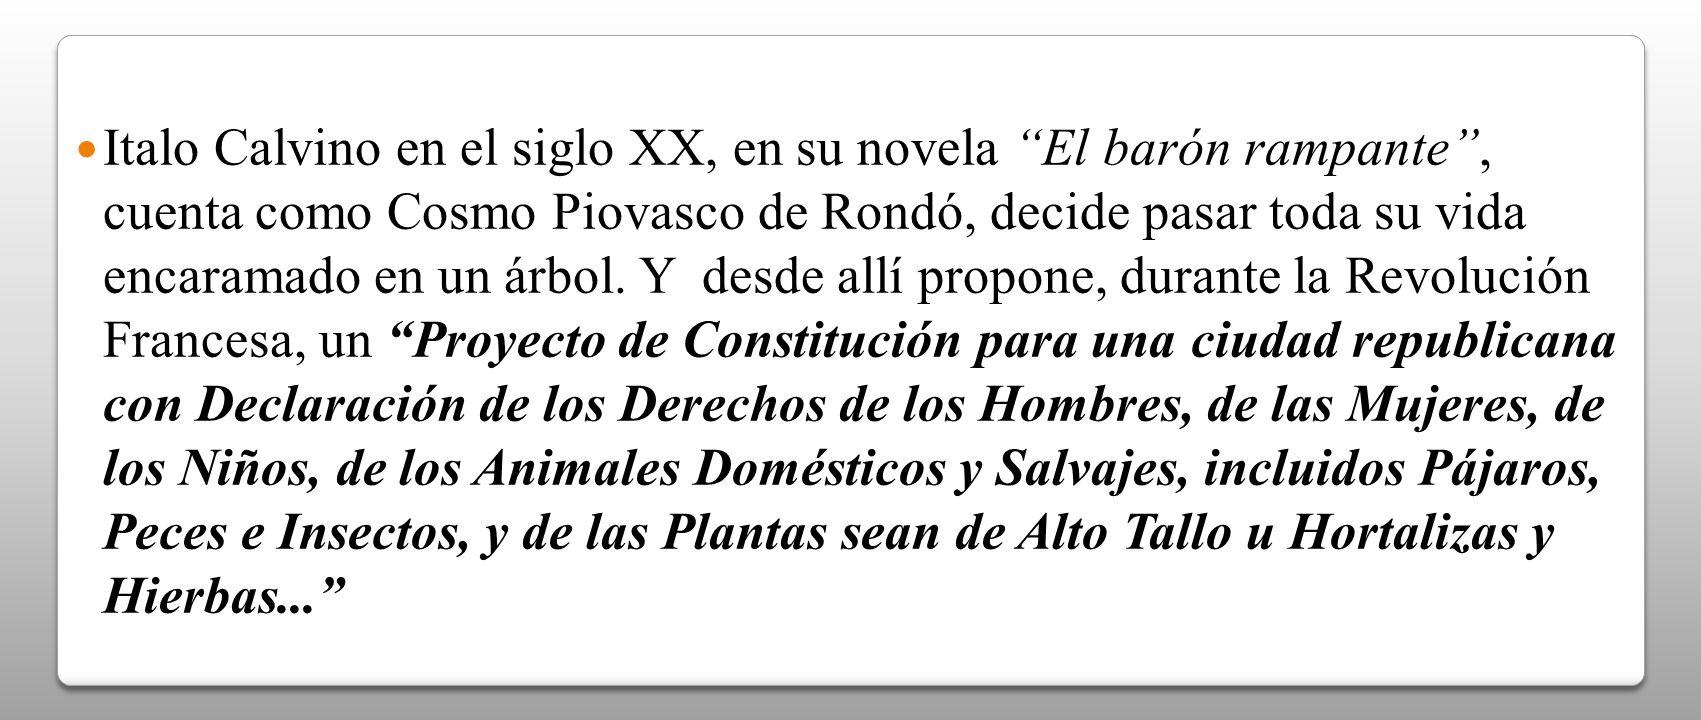 Italo Calvino en el siglo XX, en su novela El barón rampante , cuenta como Cosmo Piovasco de Rondó, decide pasar toda su vida encaramado en un árbol.